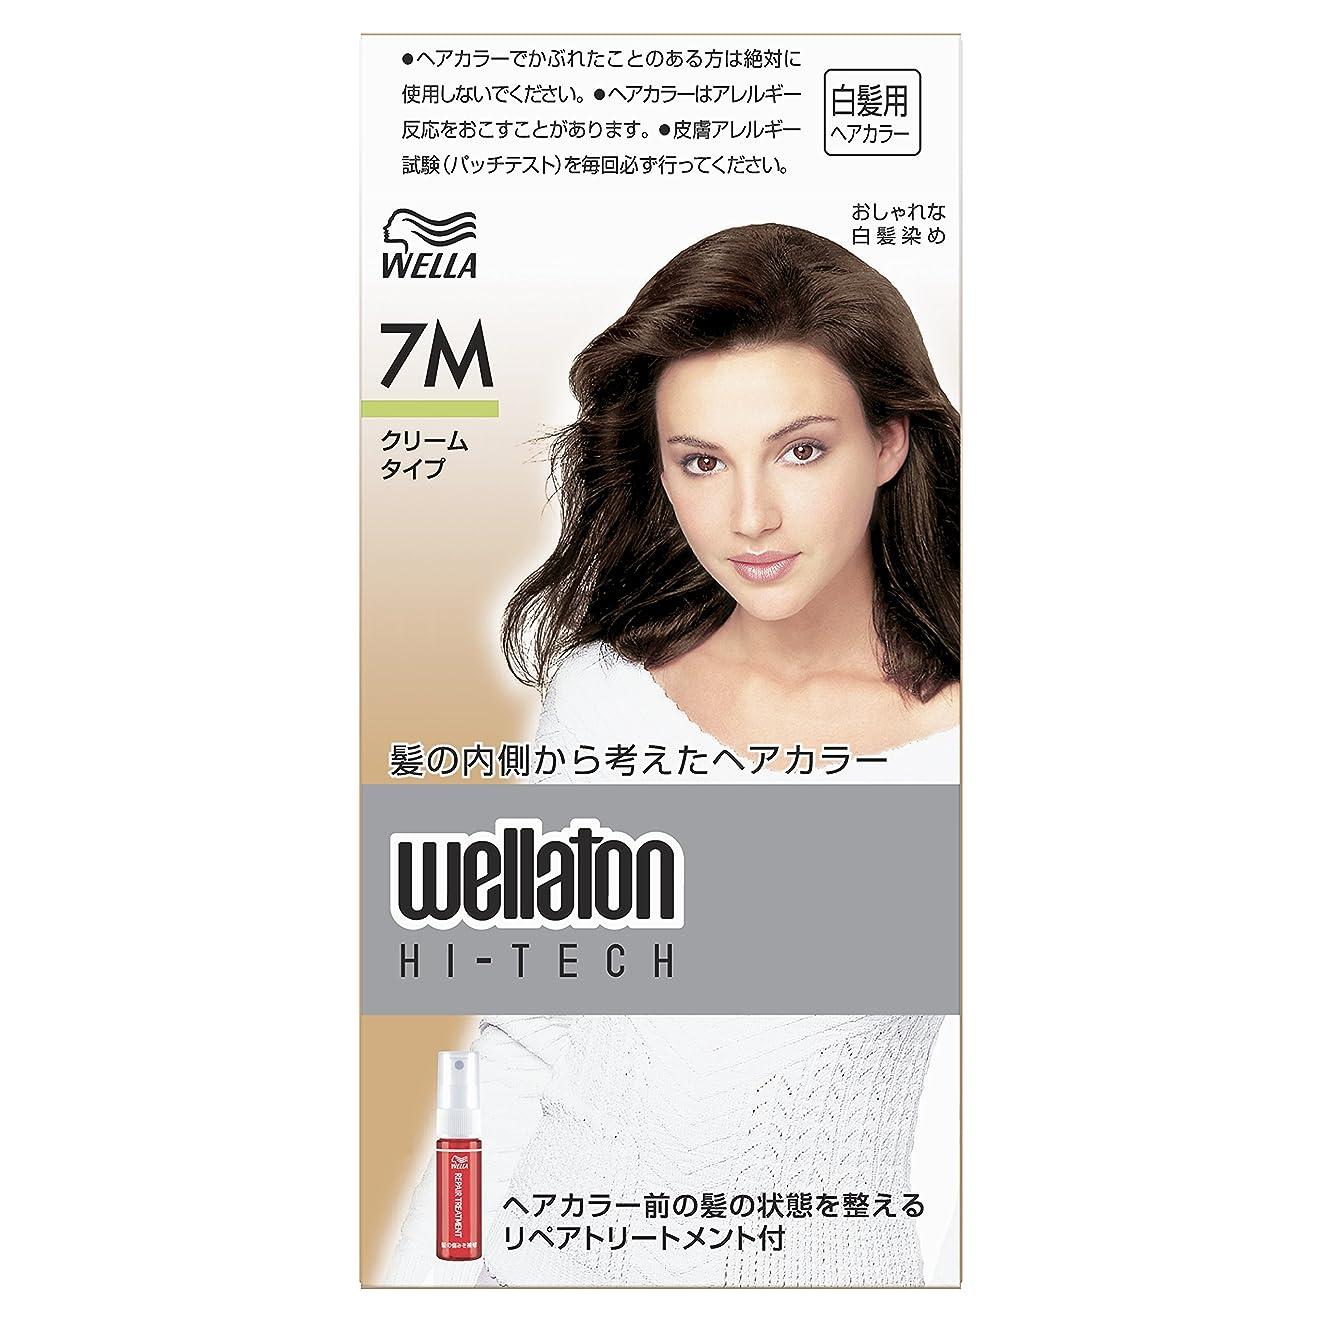 バブルルーキーウエラトーン ハイテッククリーム 7M [医薬部外品](おしゃれな白髪染め)